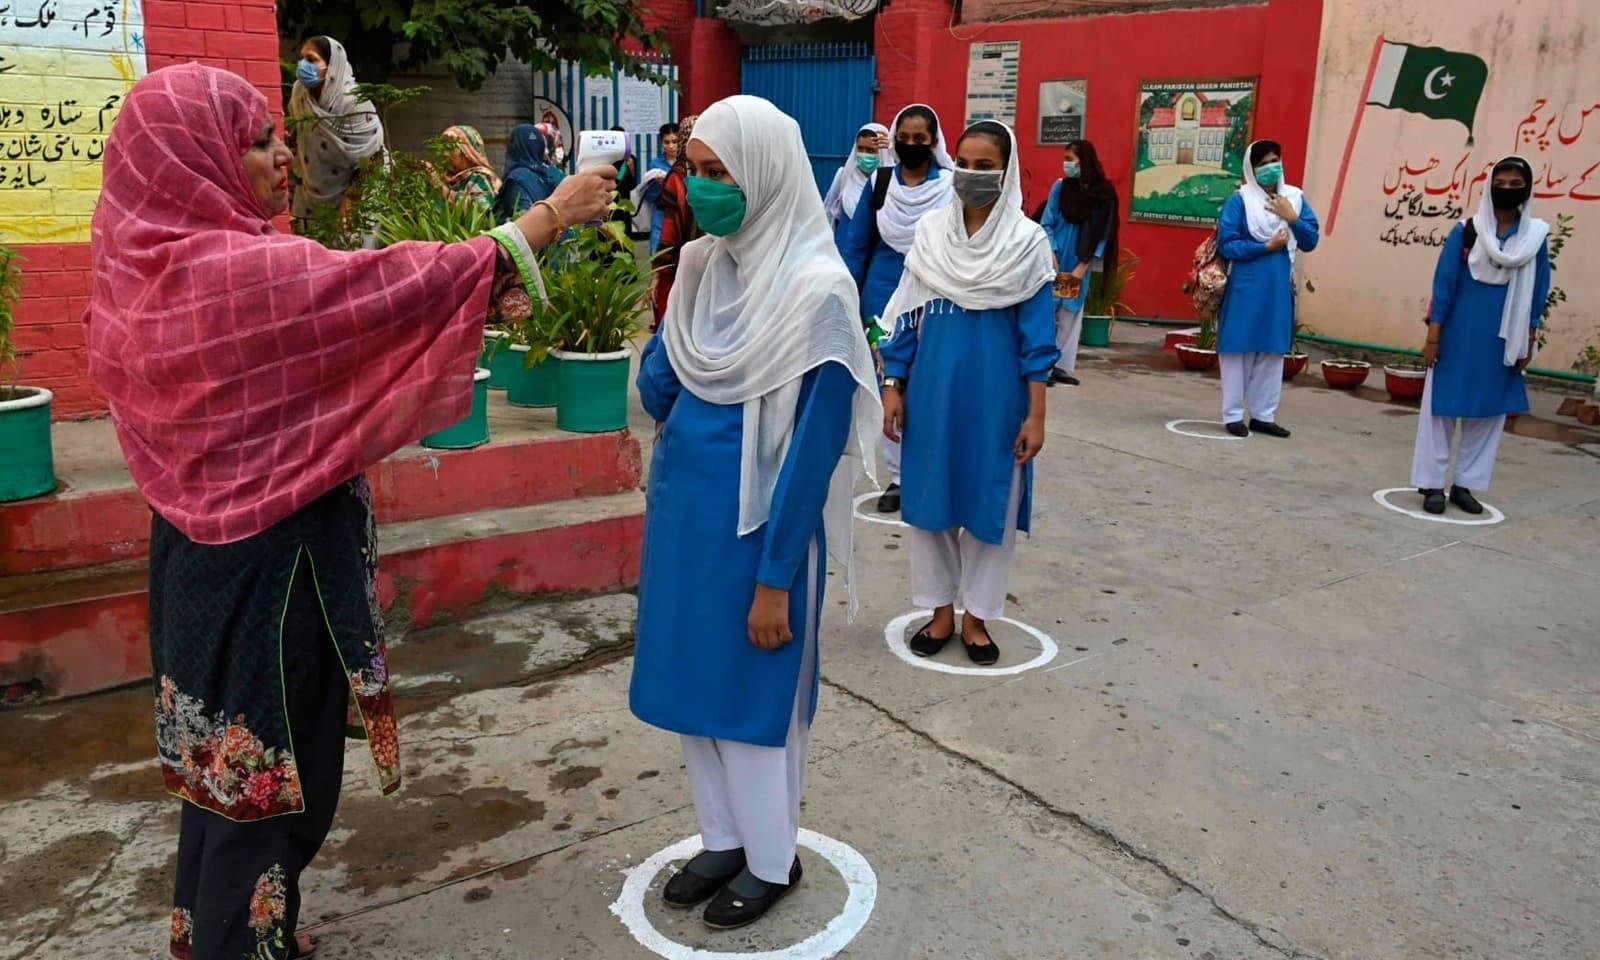 اسکولز میں داخلے کے وقت طلبہ کا درجہ حرارت چیک کیا گیا — فوٹو: اے ایف پی